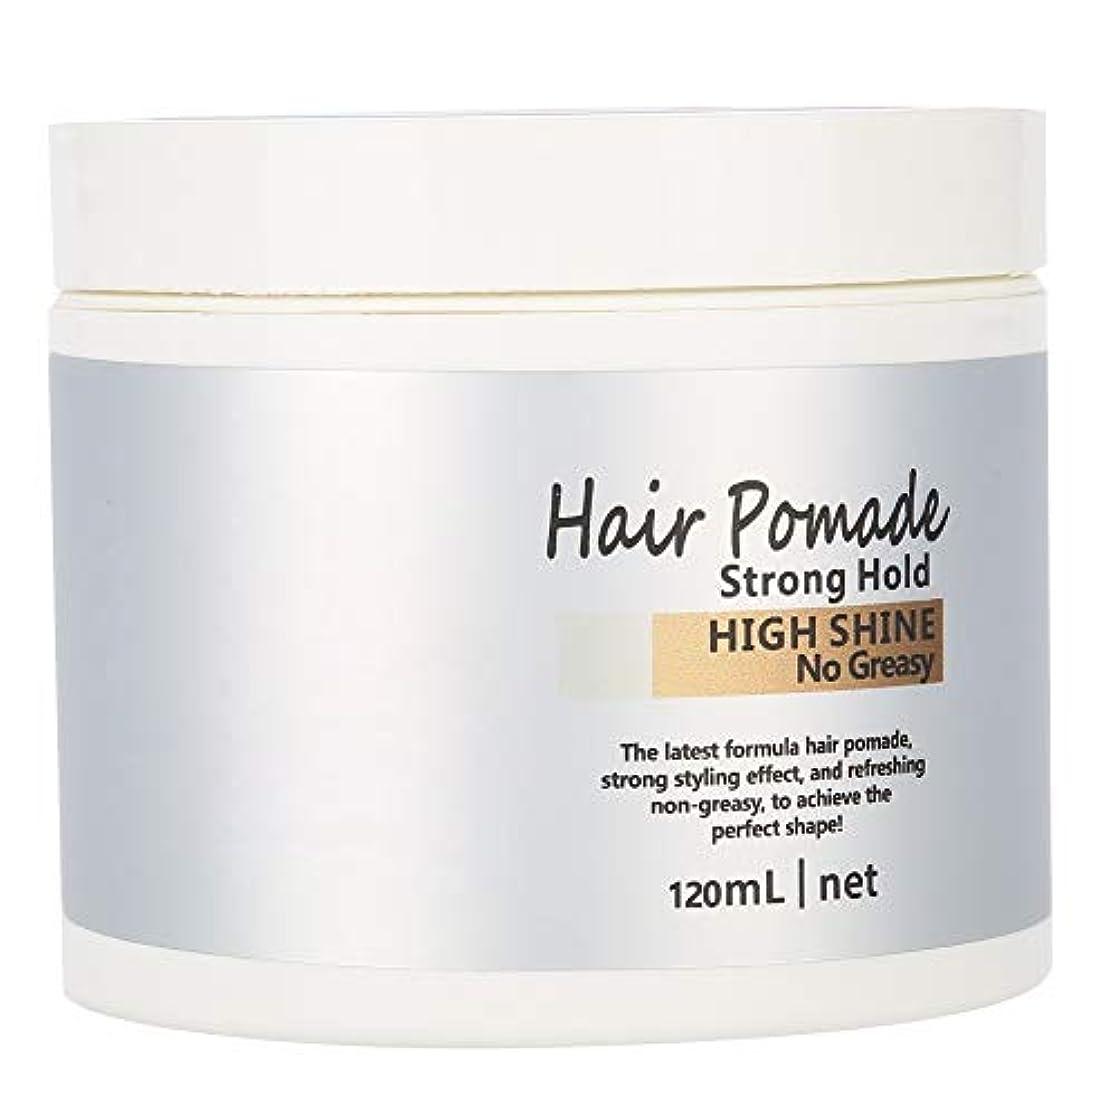 社会科分布原子ヘアワックス 髪用ゼリーウォータージェルワックス、ウェットエフェクトを使用した極度の固着モデリングワックスポマード(120ml)